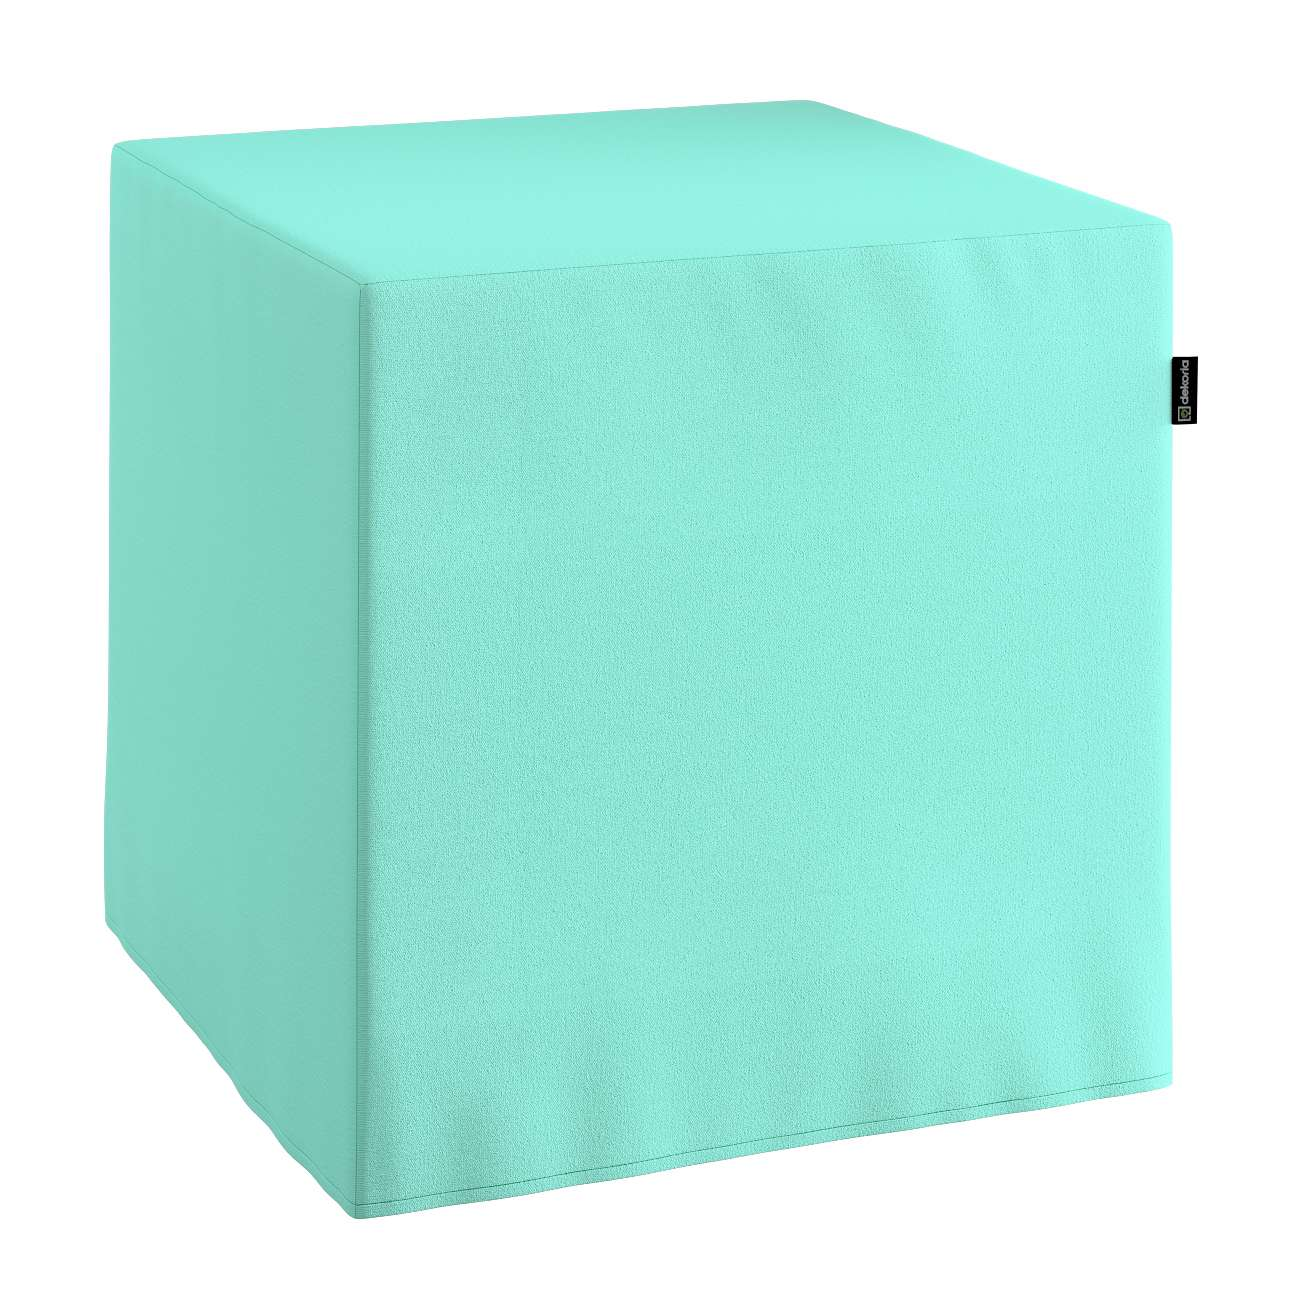 Harter Sitzwürfel 40 x 40 x 40 cm von der Kollektion Loneta, Stoff: 133-32